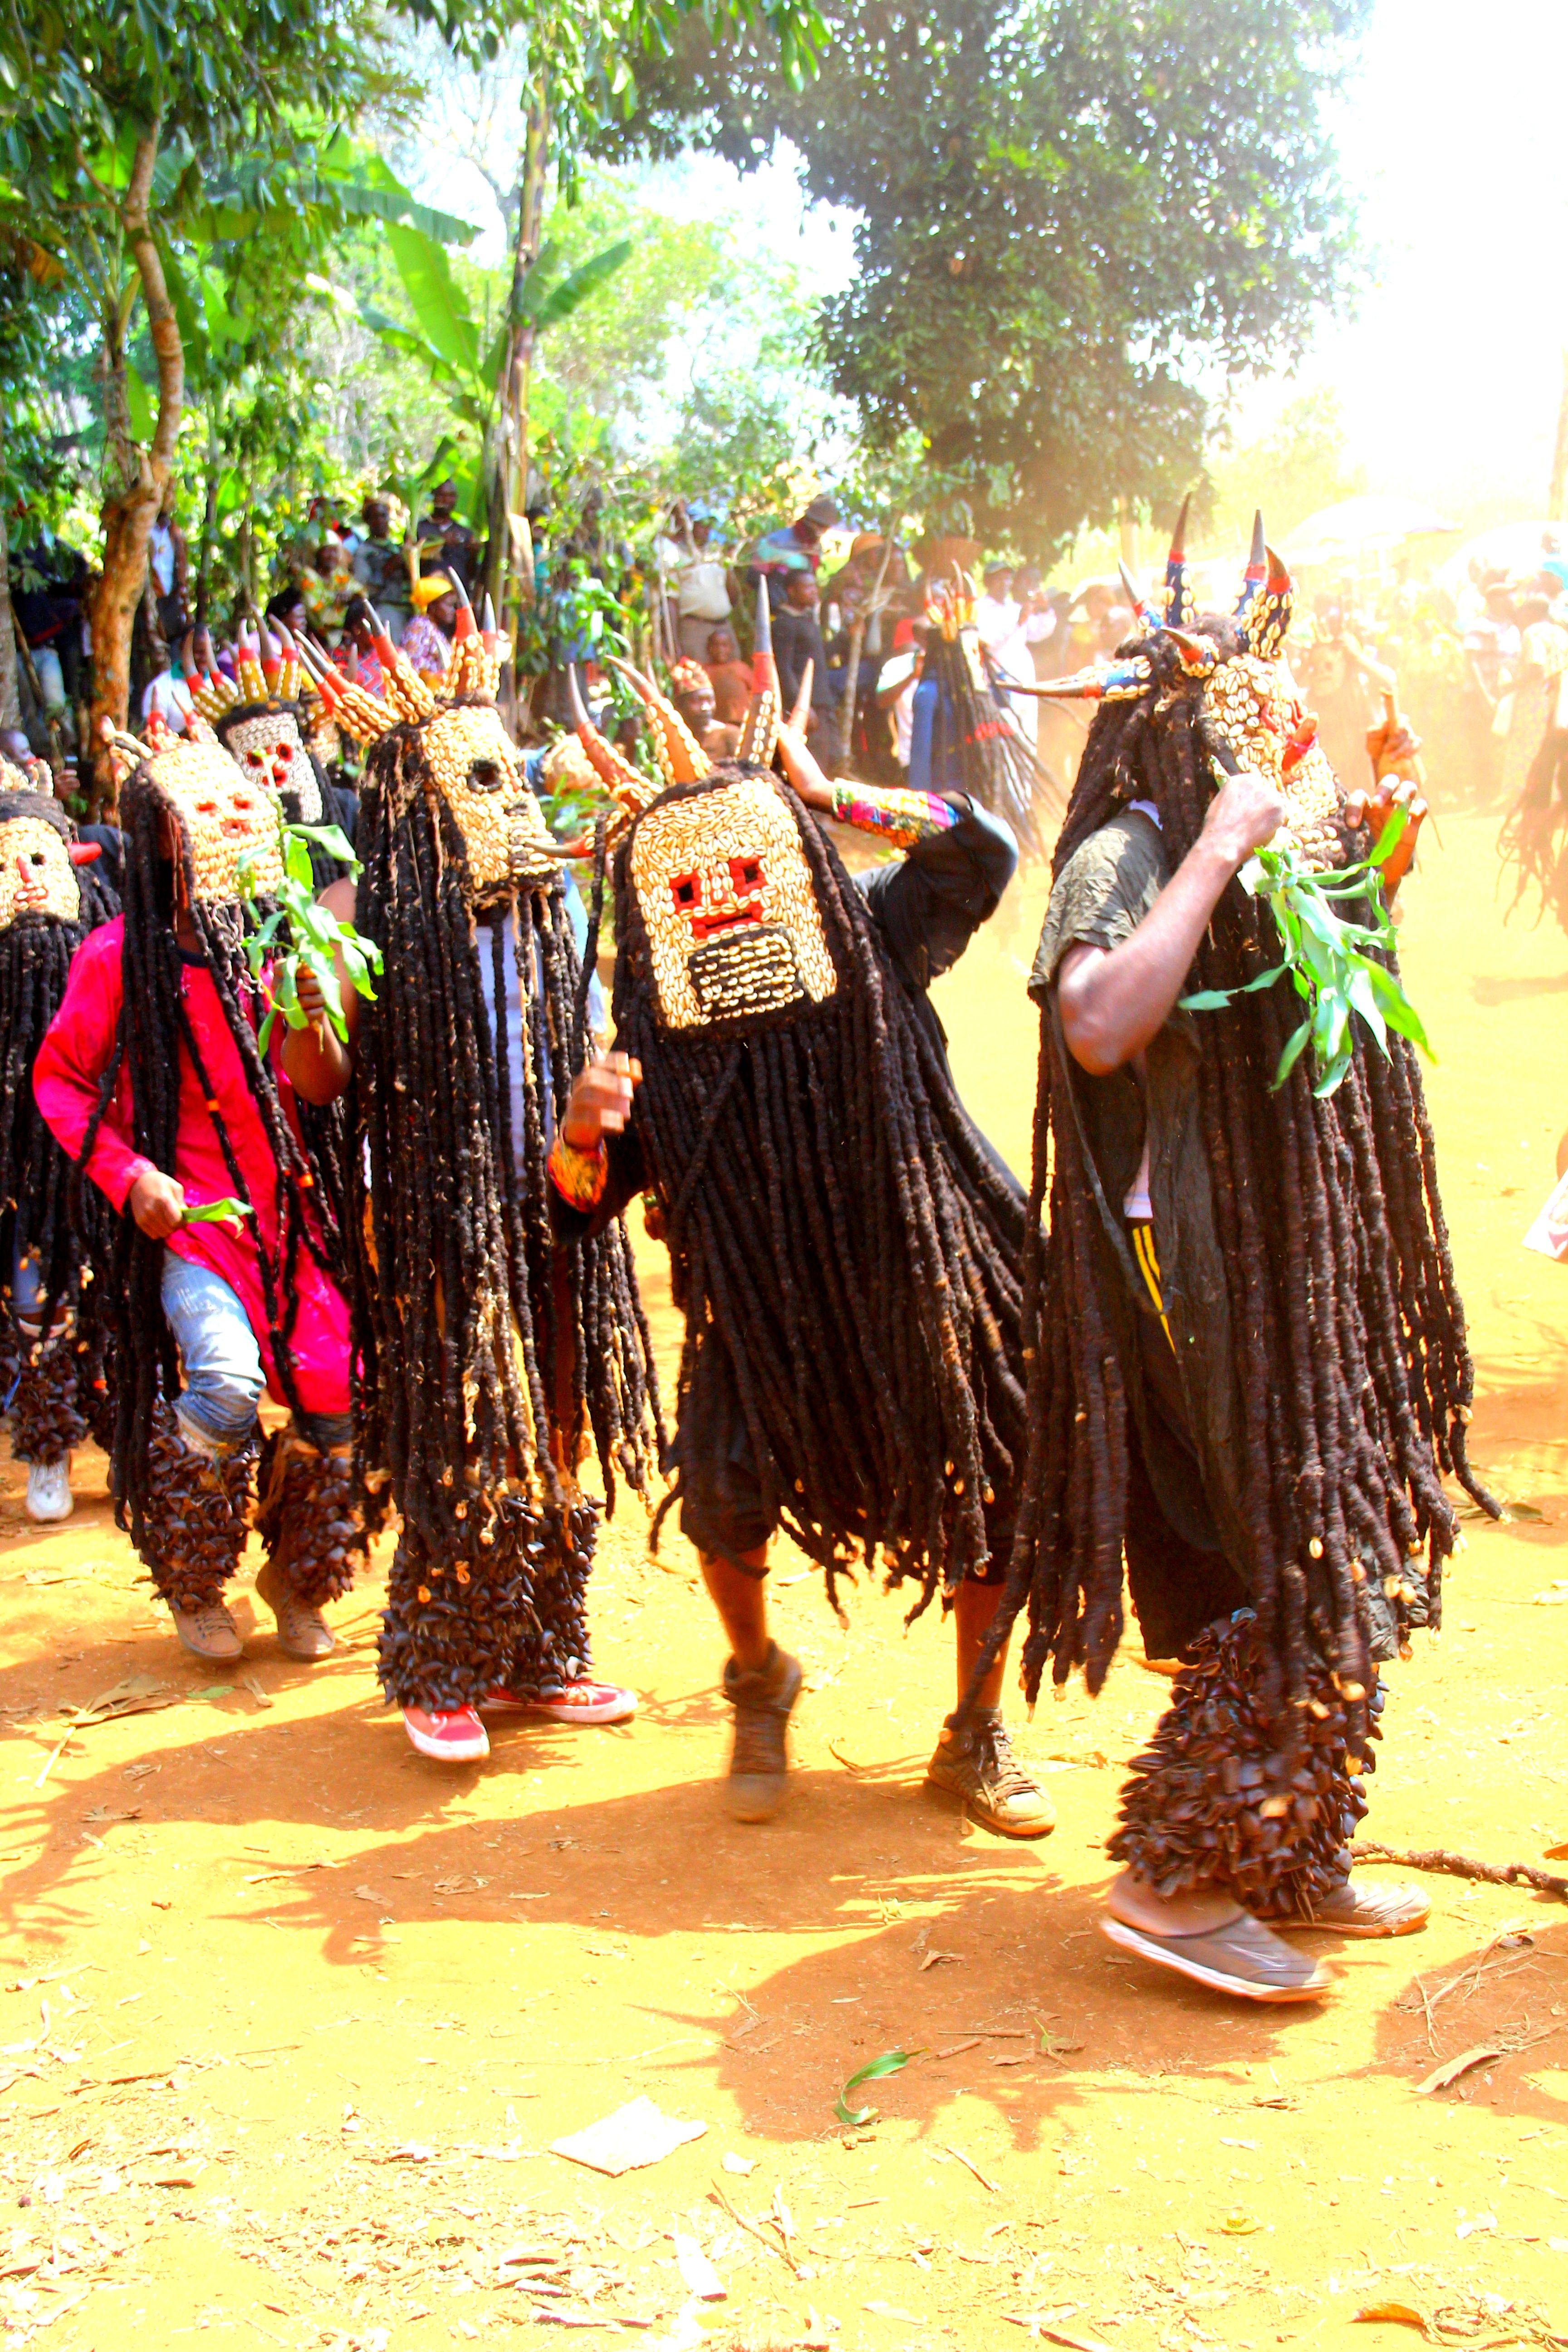 Danse Bamiléké KOUNG GANG...Balatsit...Bamendjou...Haut-plateaux...Ouest...Cameroun Plateaux, Danse, Ouest, Haut, Afrique, Toupie